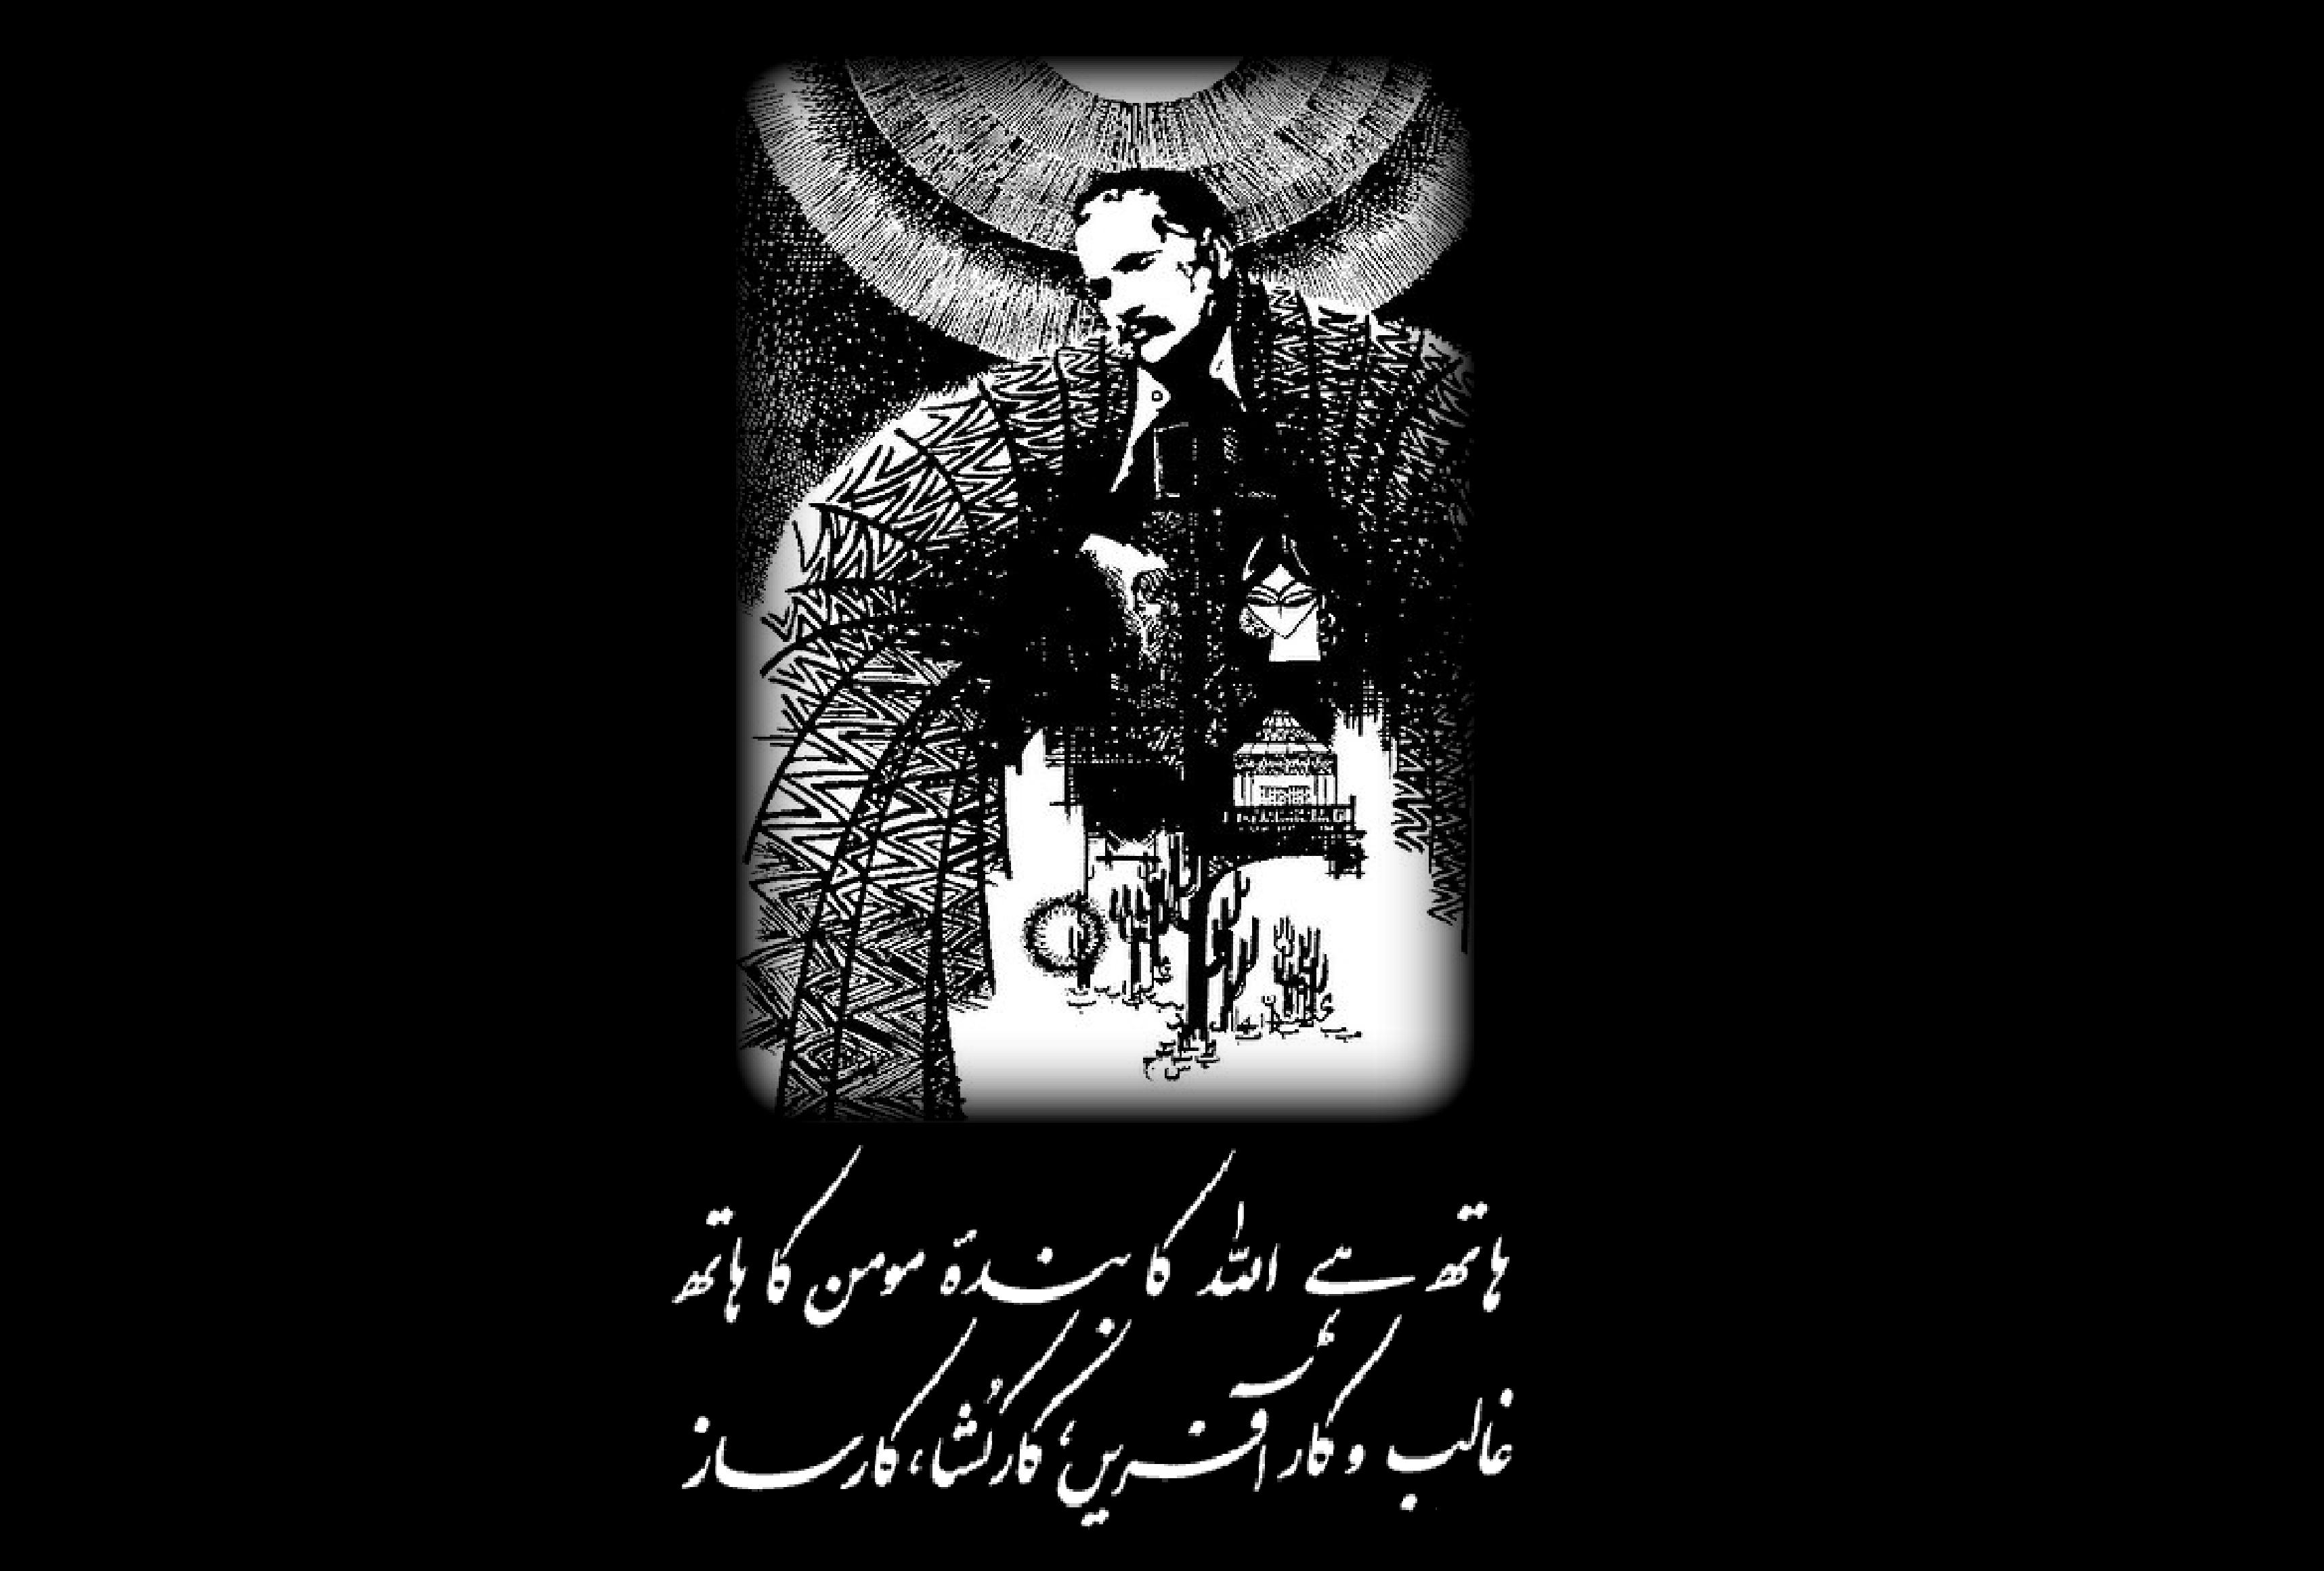 Haath Hai Allah Ka Banda e Momin Ka Hath-Allama Iqbal Wallpaper